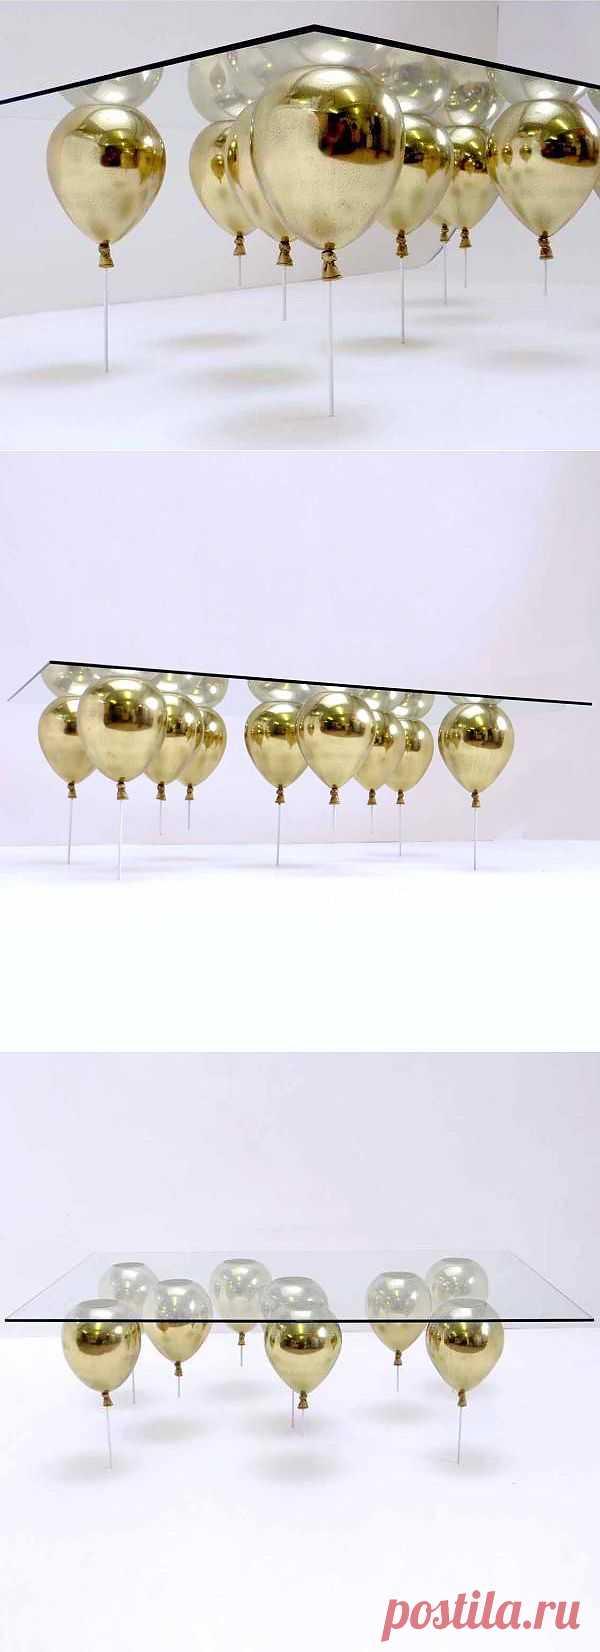 Воздушный столик Кристофера Даффи / Мебель / Модный сайт о стильной переделке одежды и интерьера